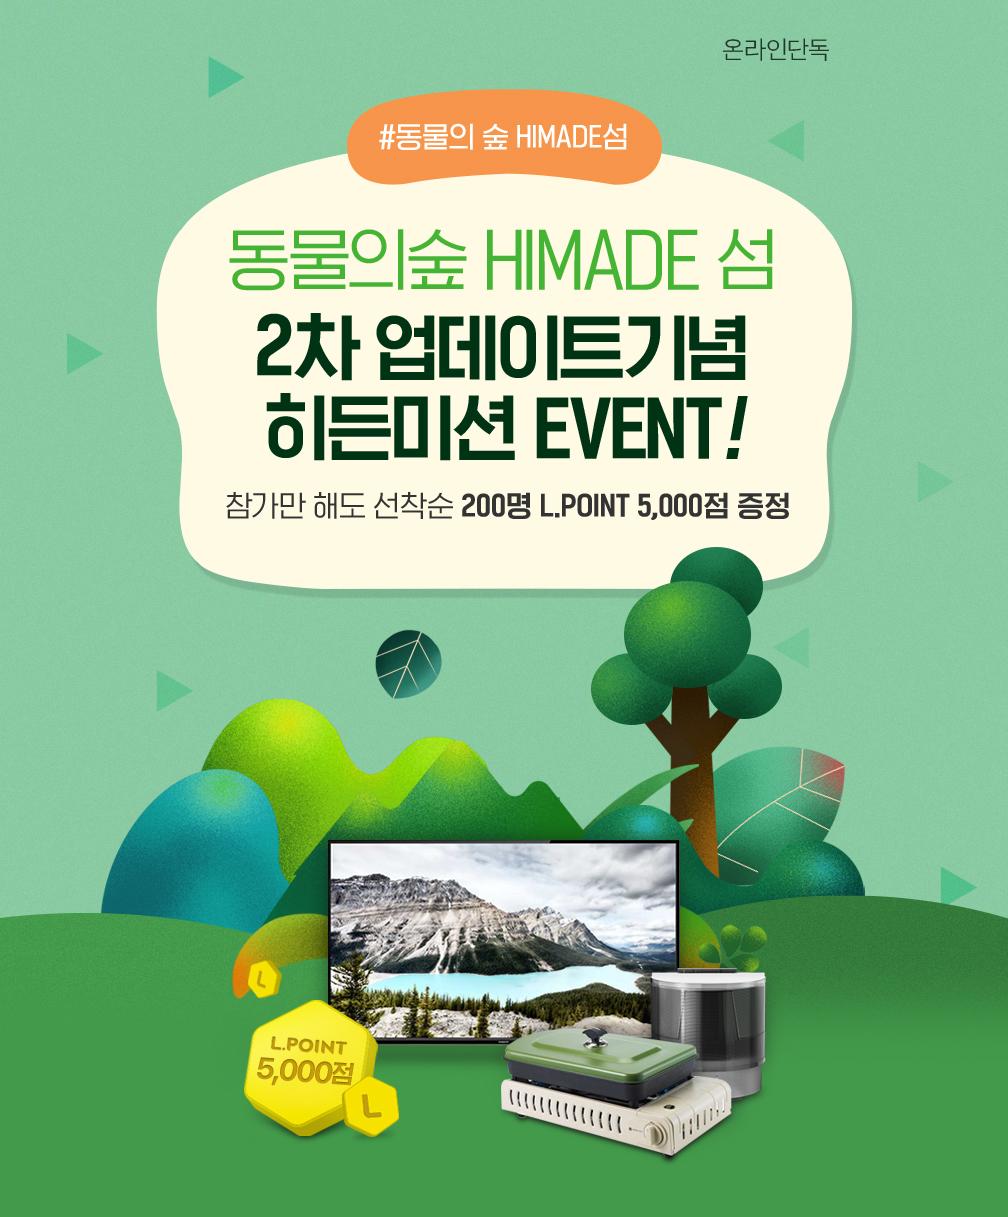 동물의 숲 HIMADE 섬 2차 업데이트 기념 히든미션 이벤트 참가만 해도 선착순 200명 L포인트 5,000점 증정